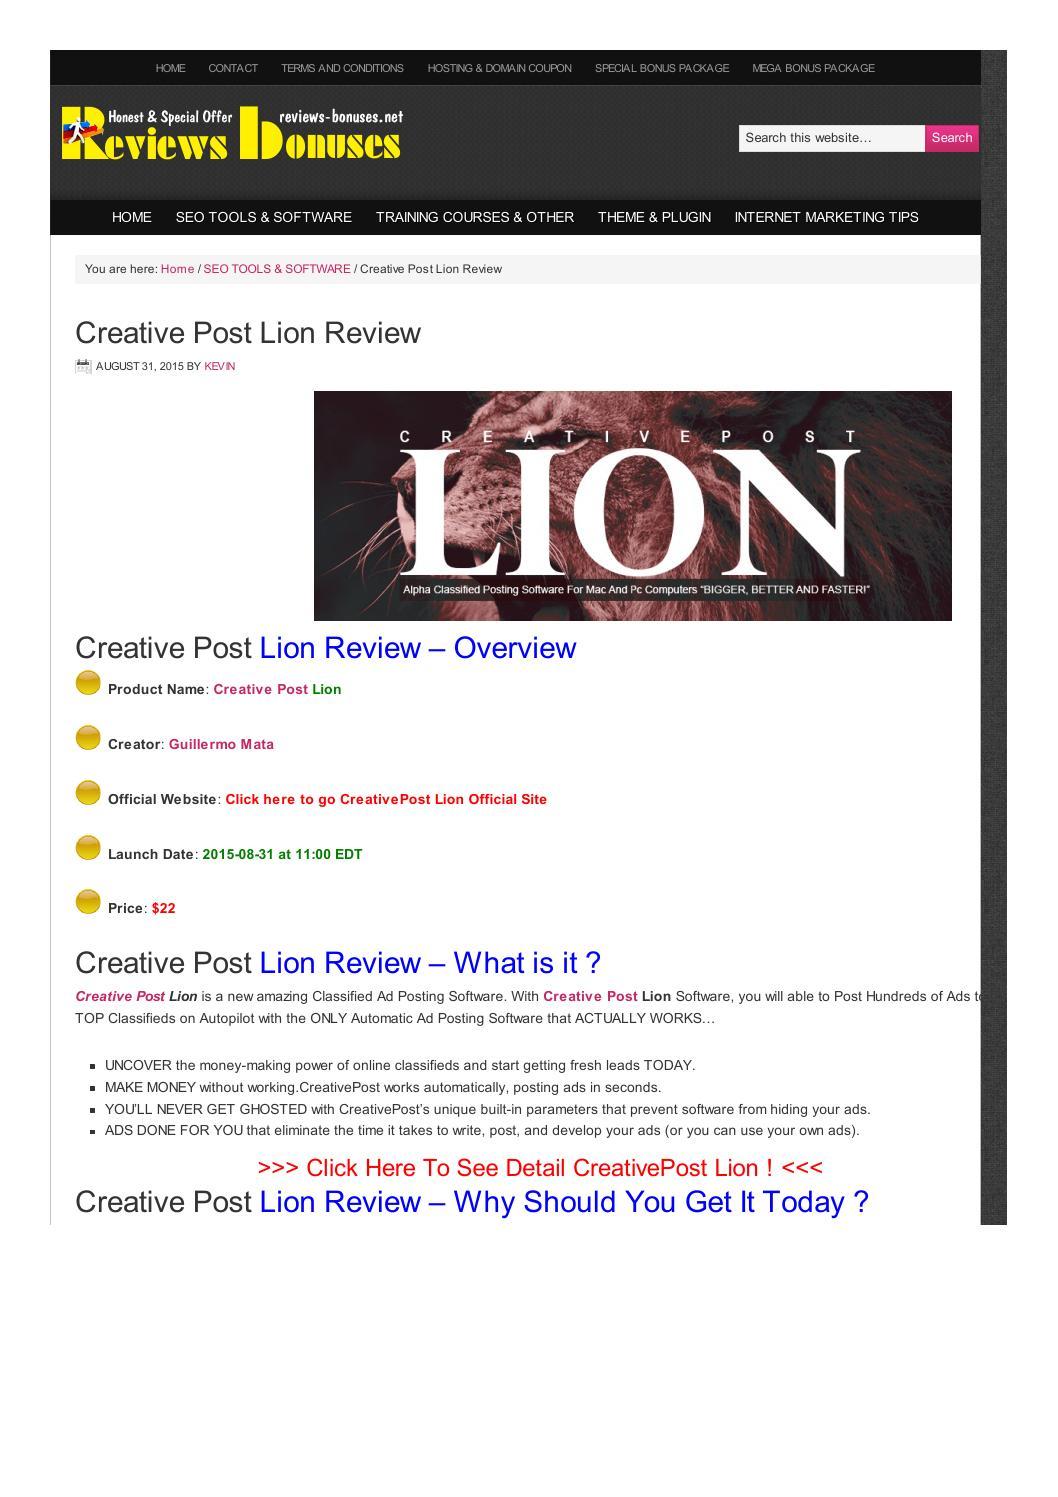 C Lion Review Creative Post L...